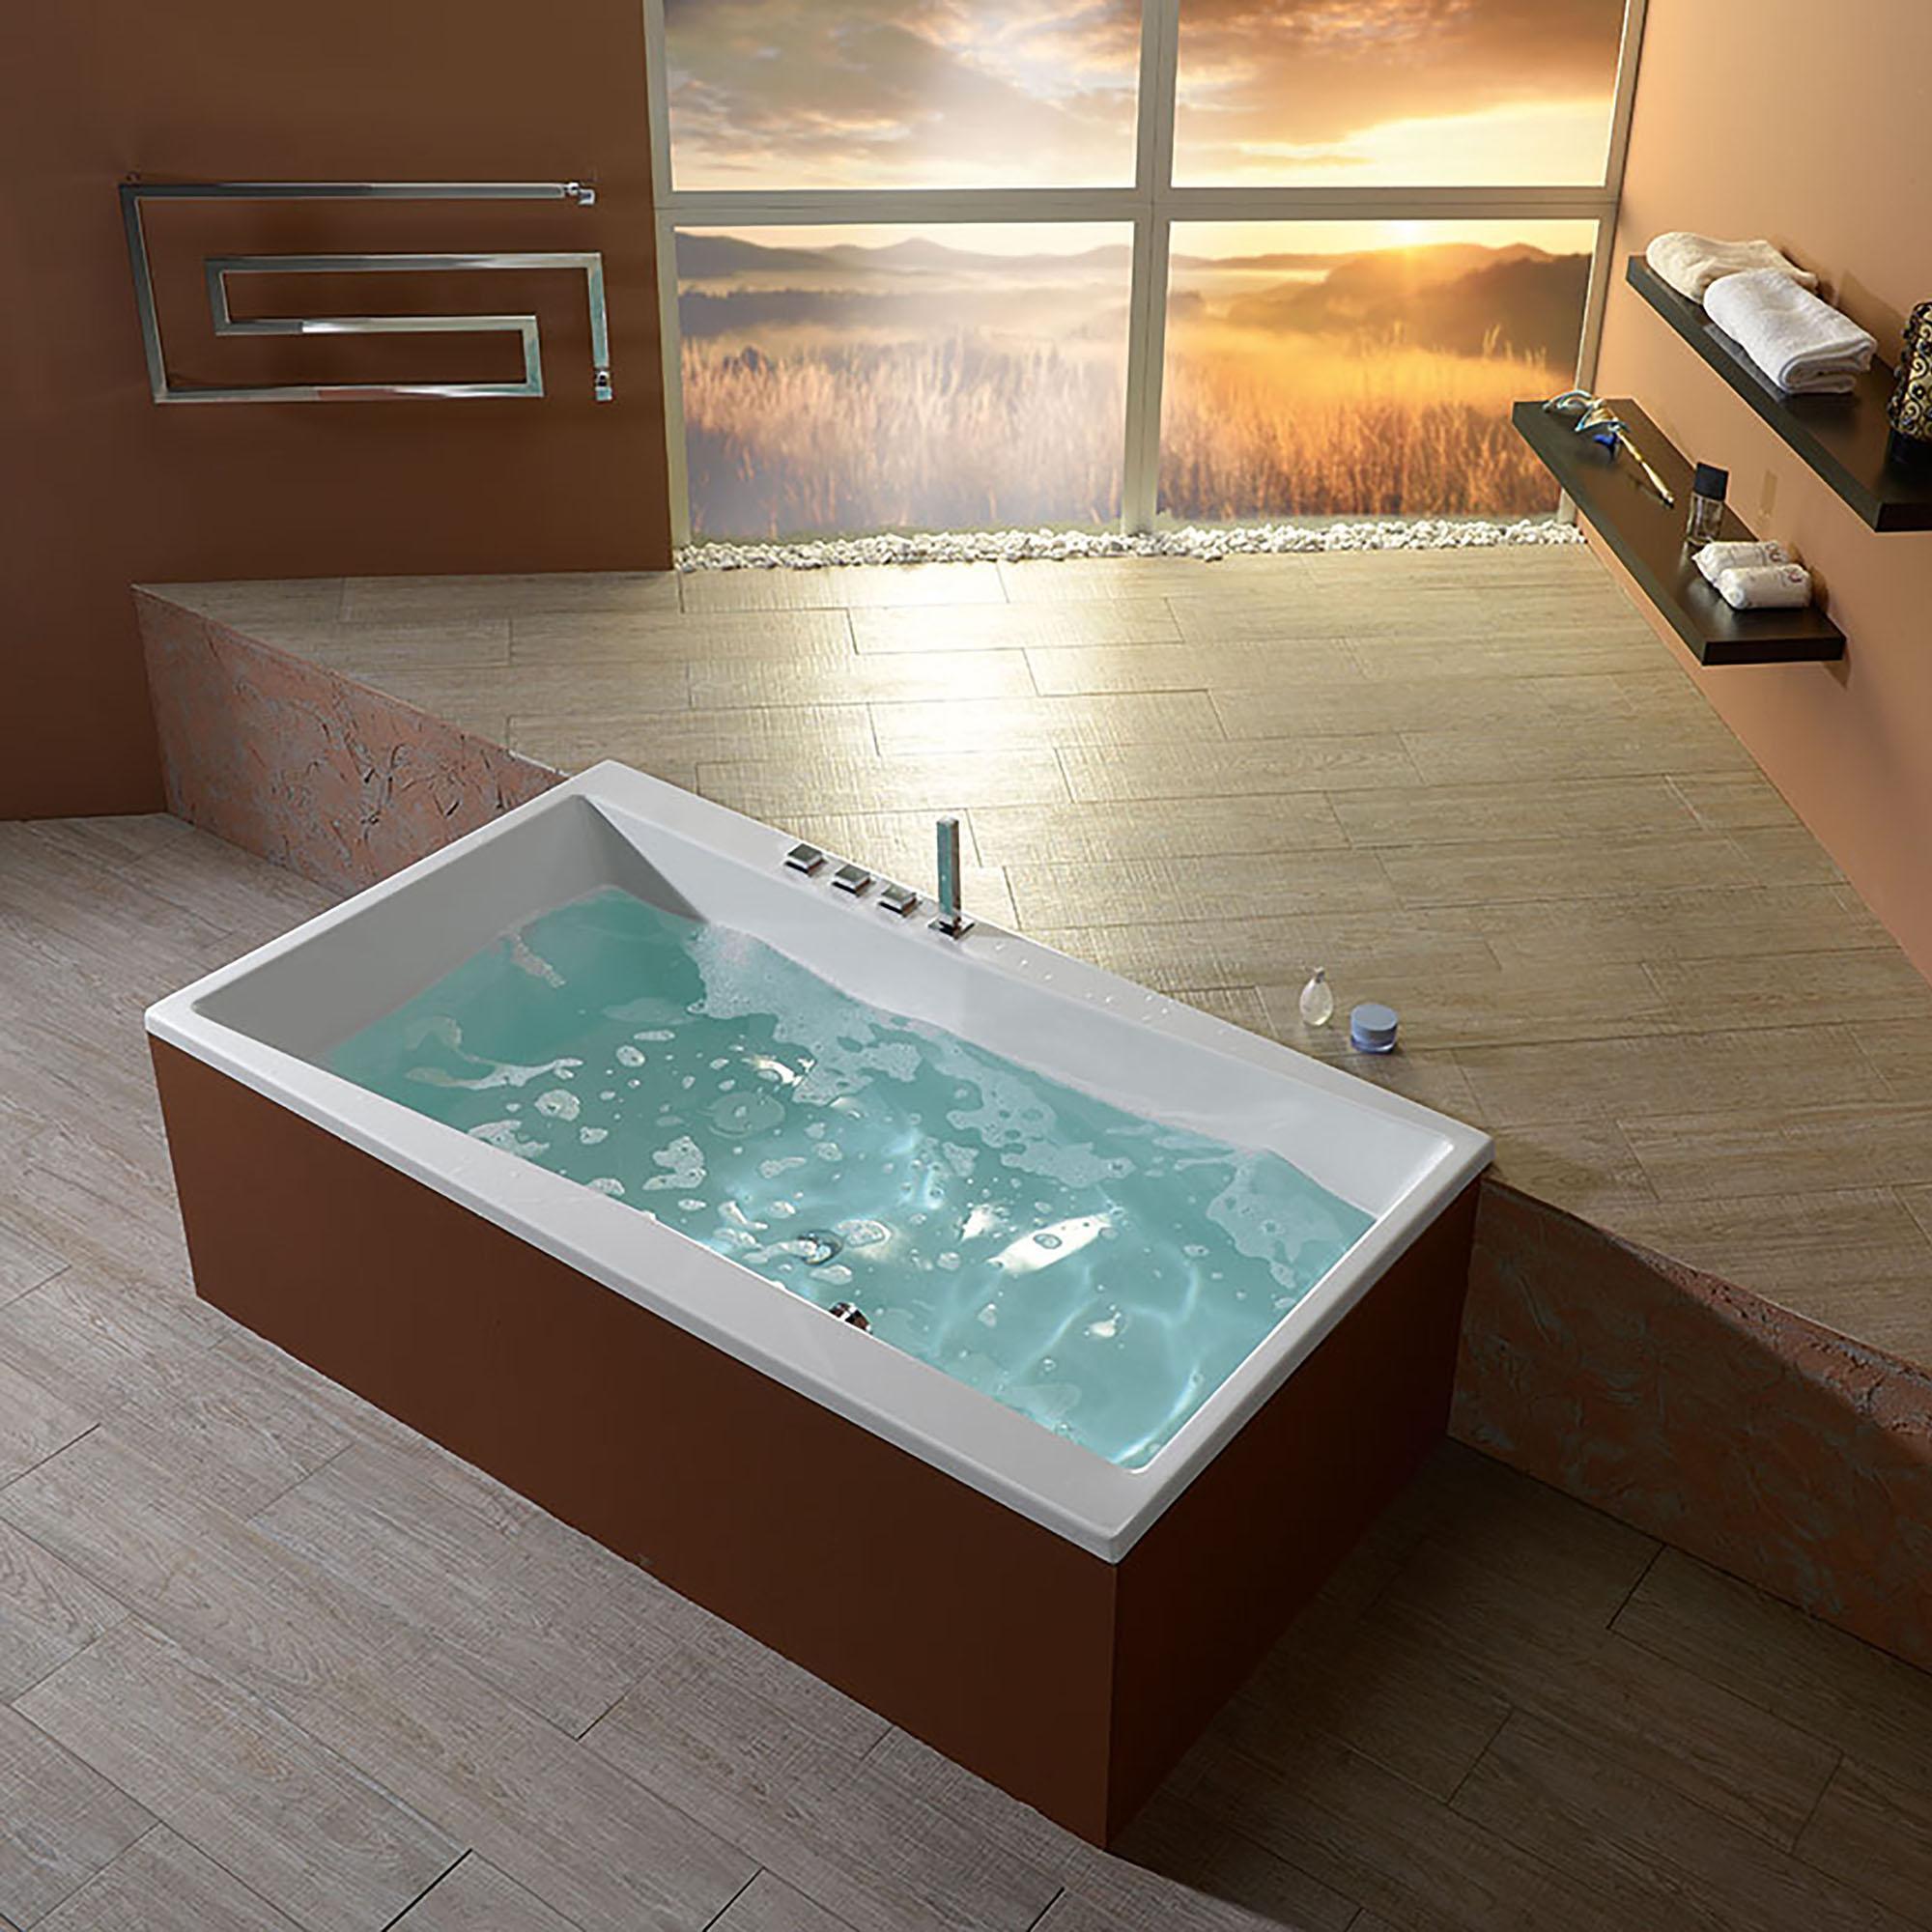 Акриловая ванна Alpen Quest 180x100 каркас для ванны alpen quest 180х100 kmaquest